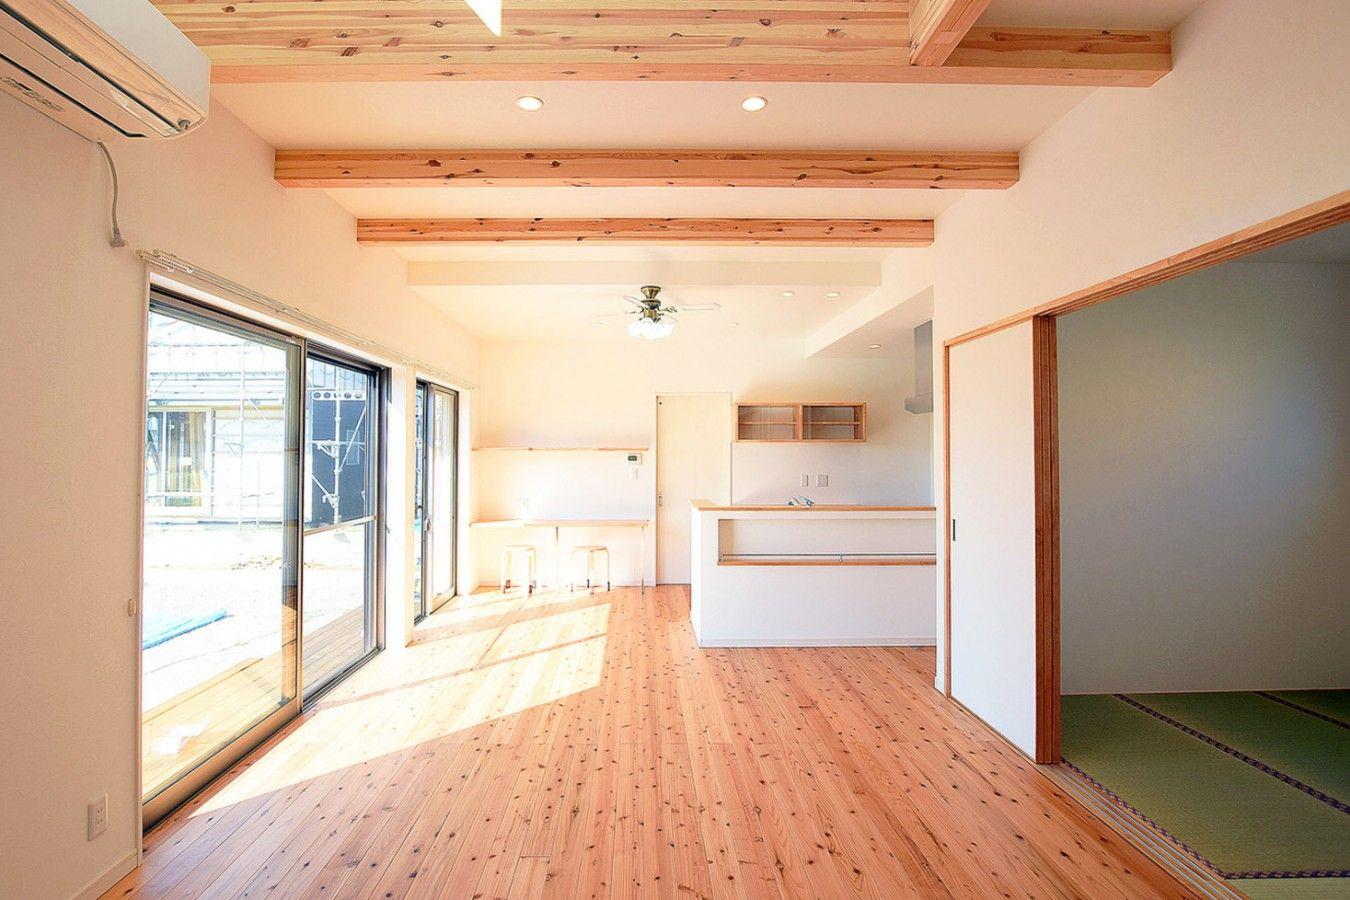 あたたかい光の注ぐお家 宮崎で注文住宅を建てる東洋ホームの写真集